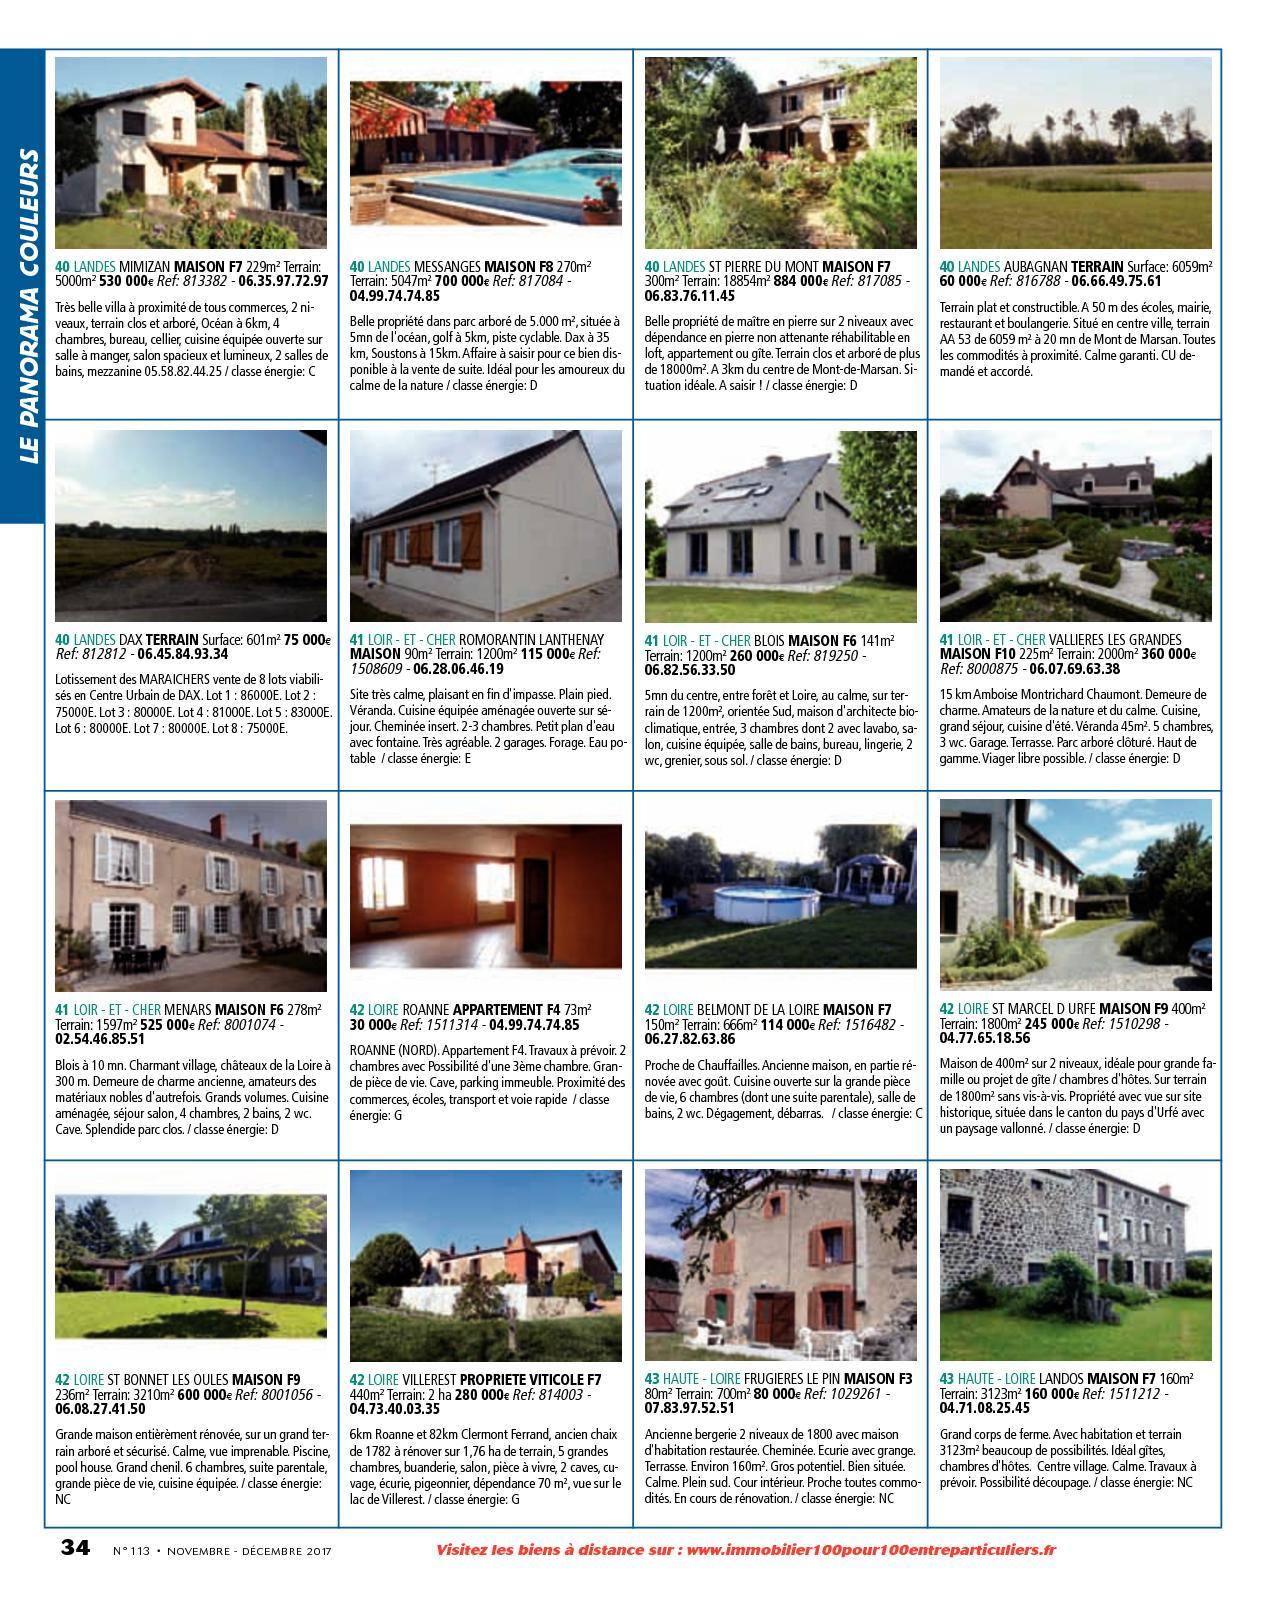 Salle De Bain Handicape Norme Suisse ~ L Immobilier 100 Entre Particuliers Appelimmo N 113 Novembre